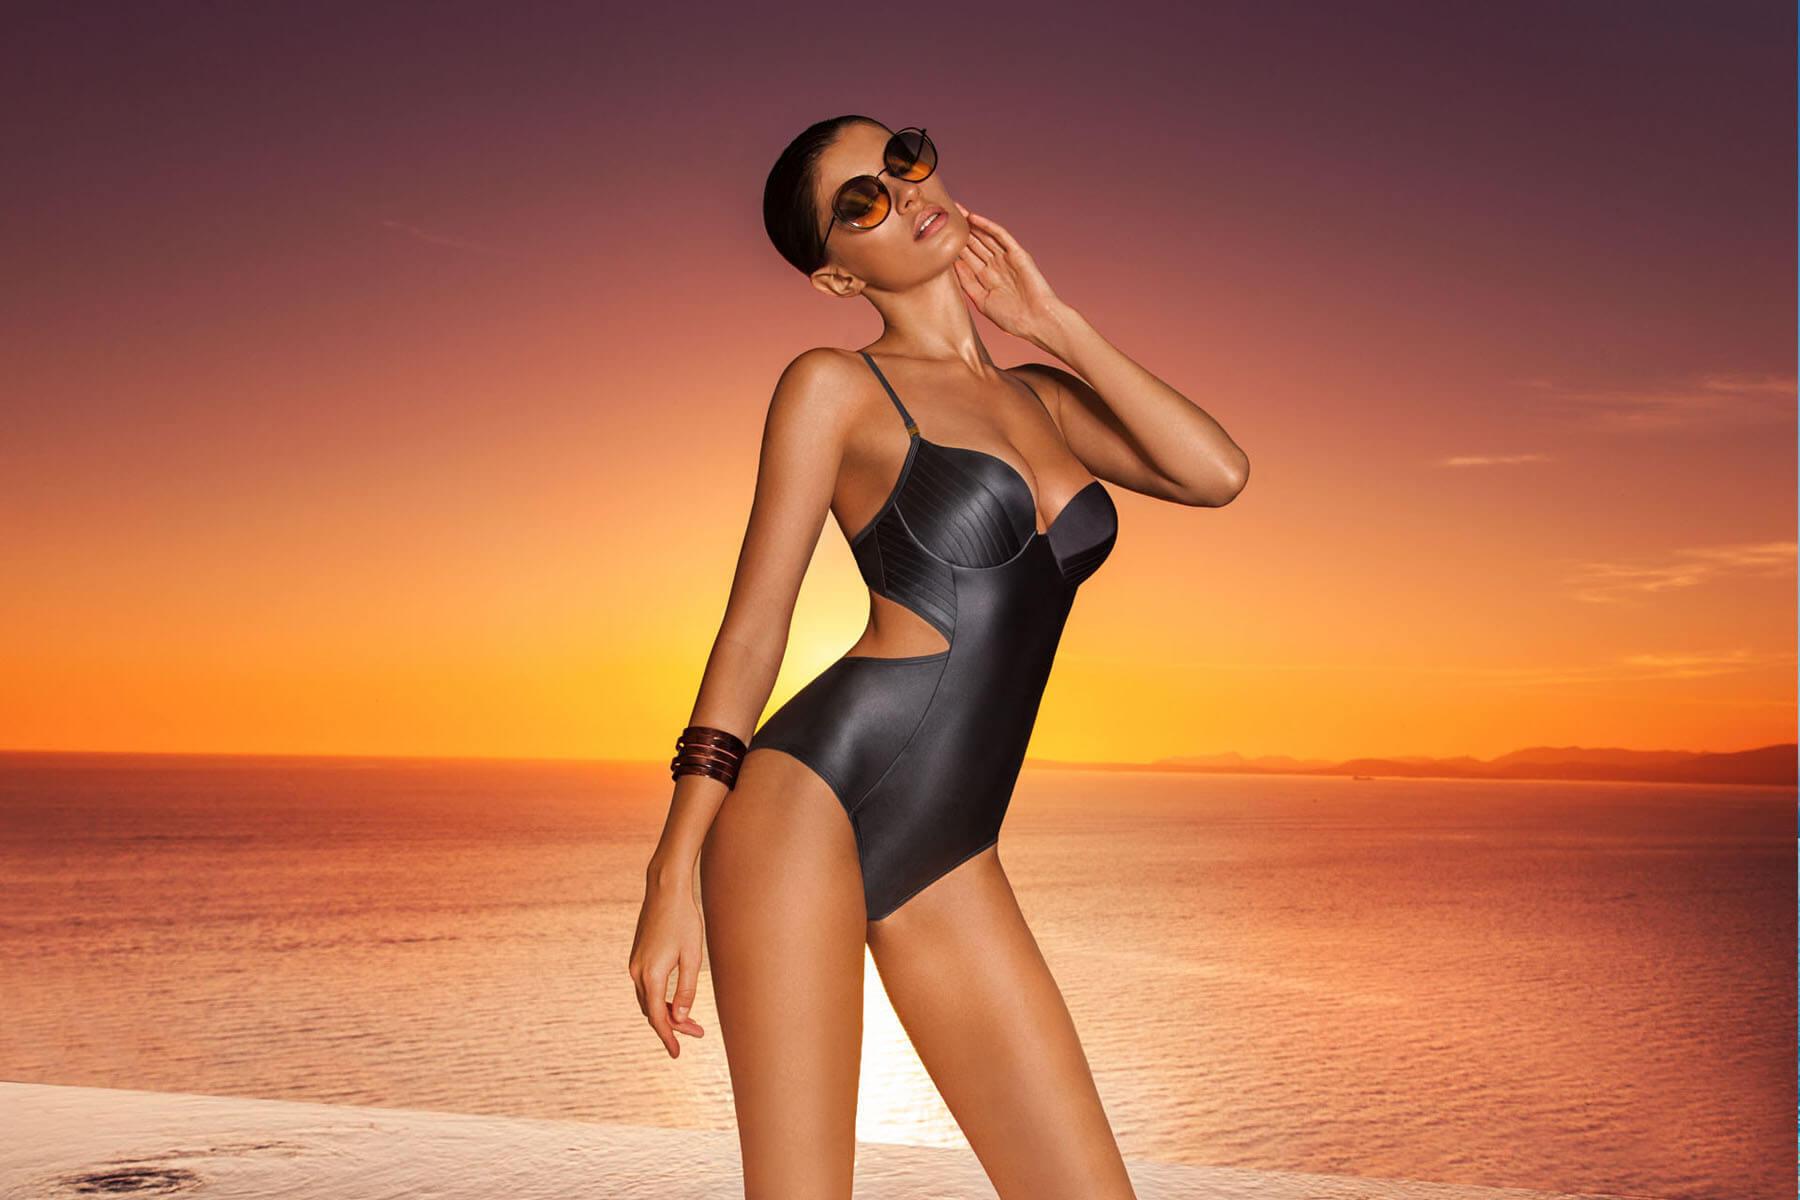 Купити суцільний купальник з чашечками в інтернет магазині Марк Андре 70b3654593548